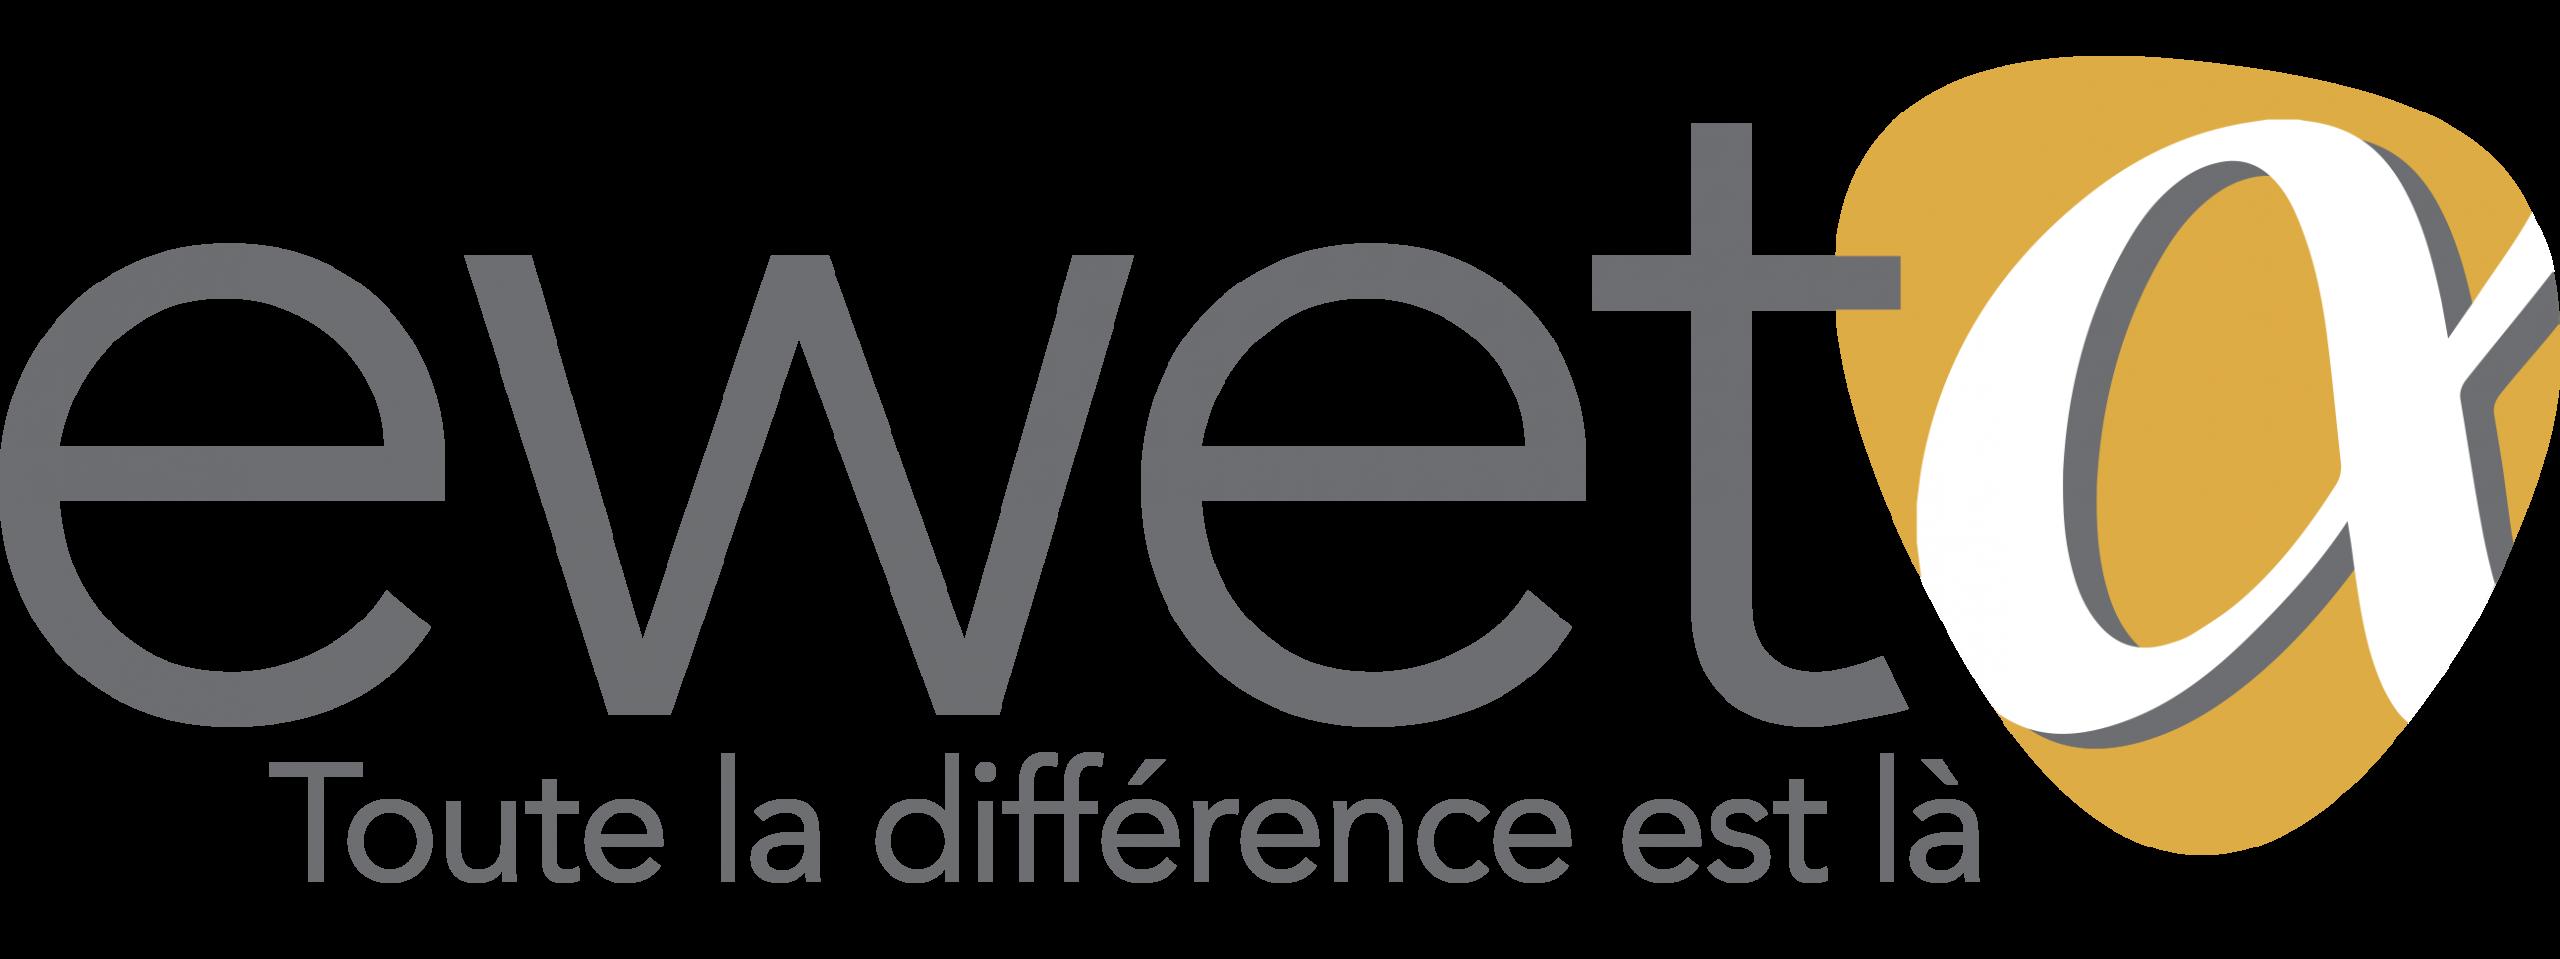 EWETA - Toute la différence est là